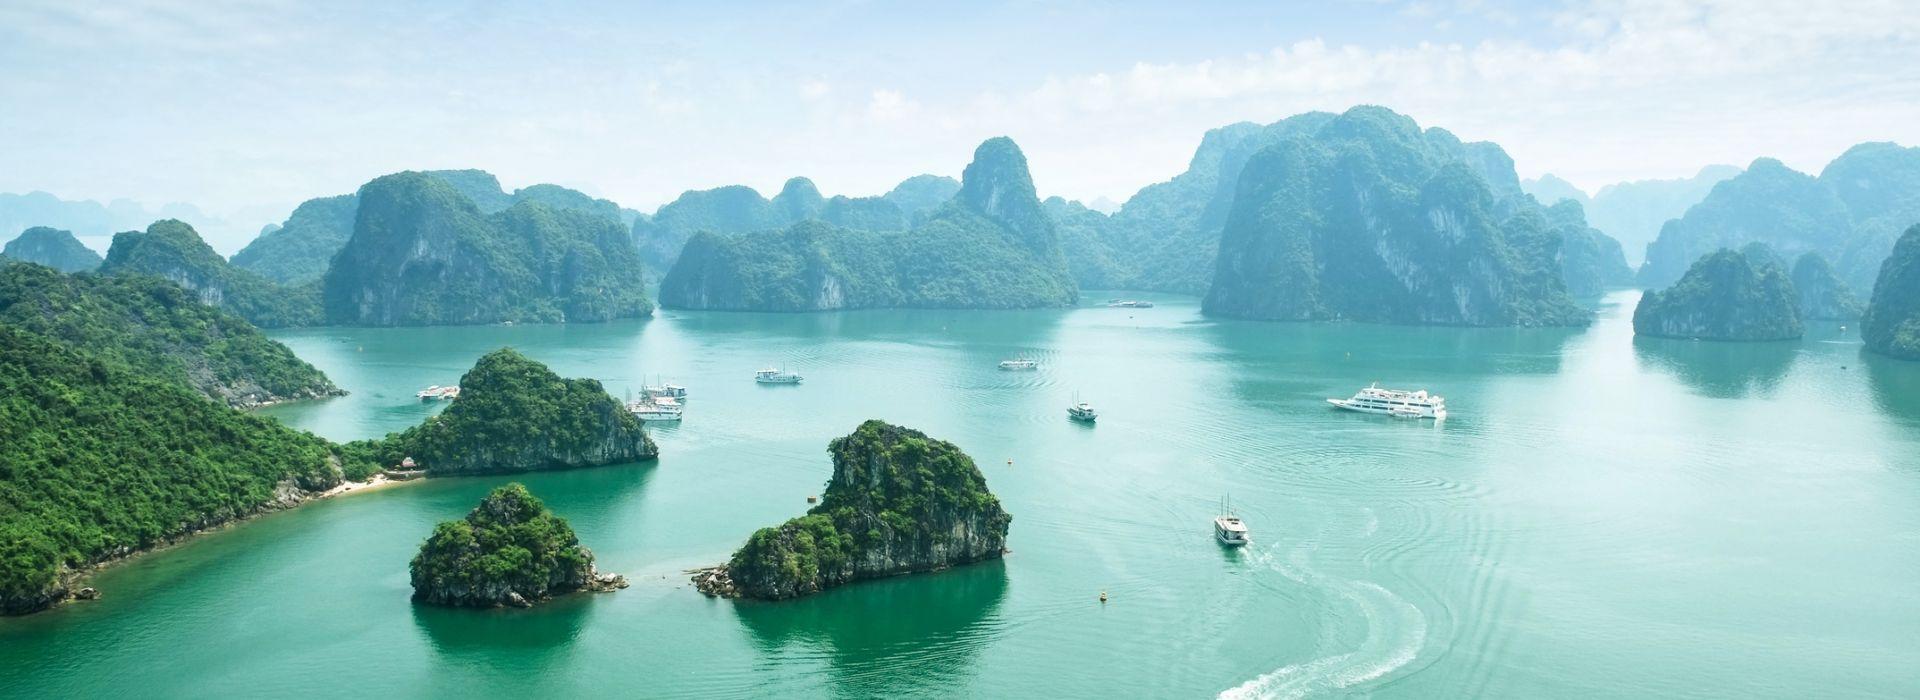 Adventure and sport activities Tours in Ninh Binh